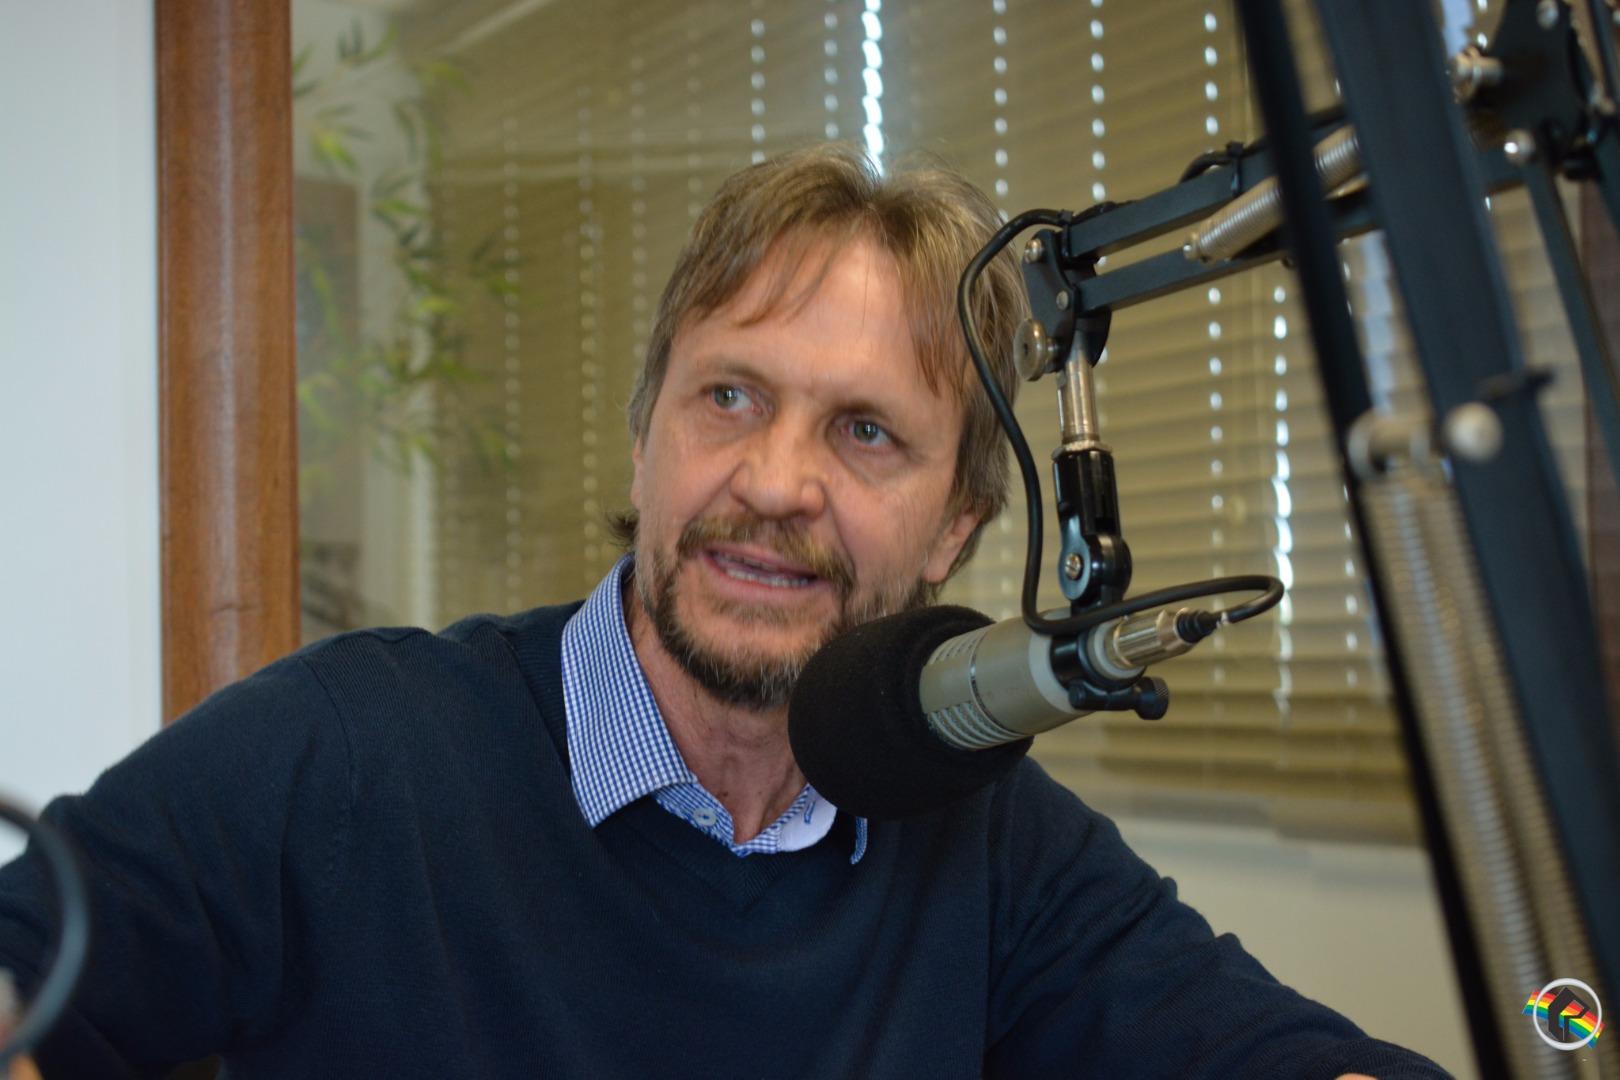 Deputado Pedro Uczai fala sobre a atual conjuntura política nacional